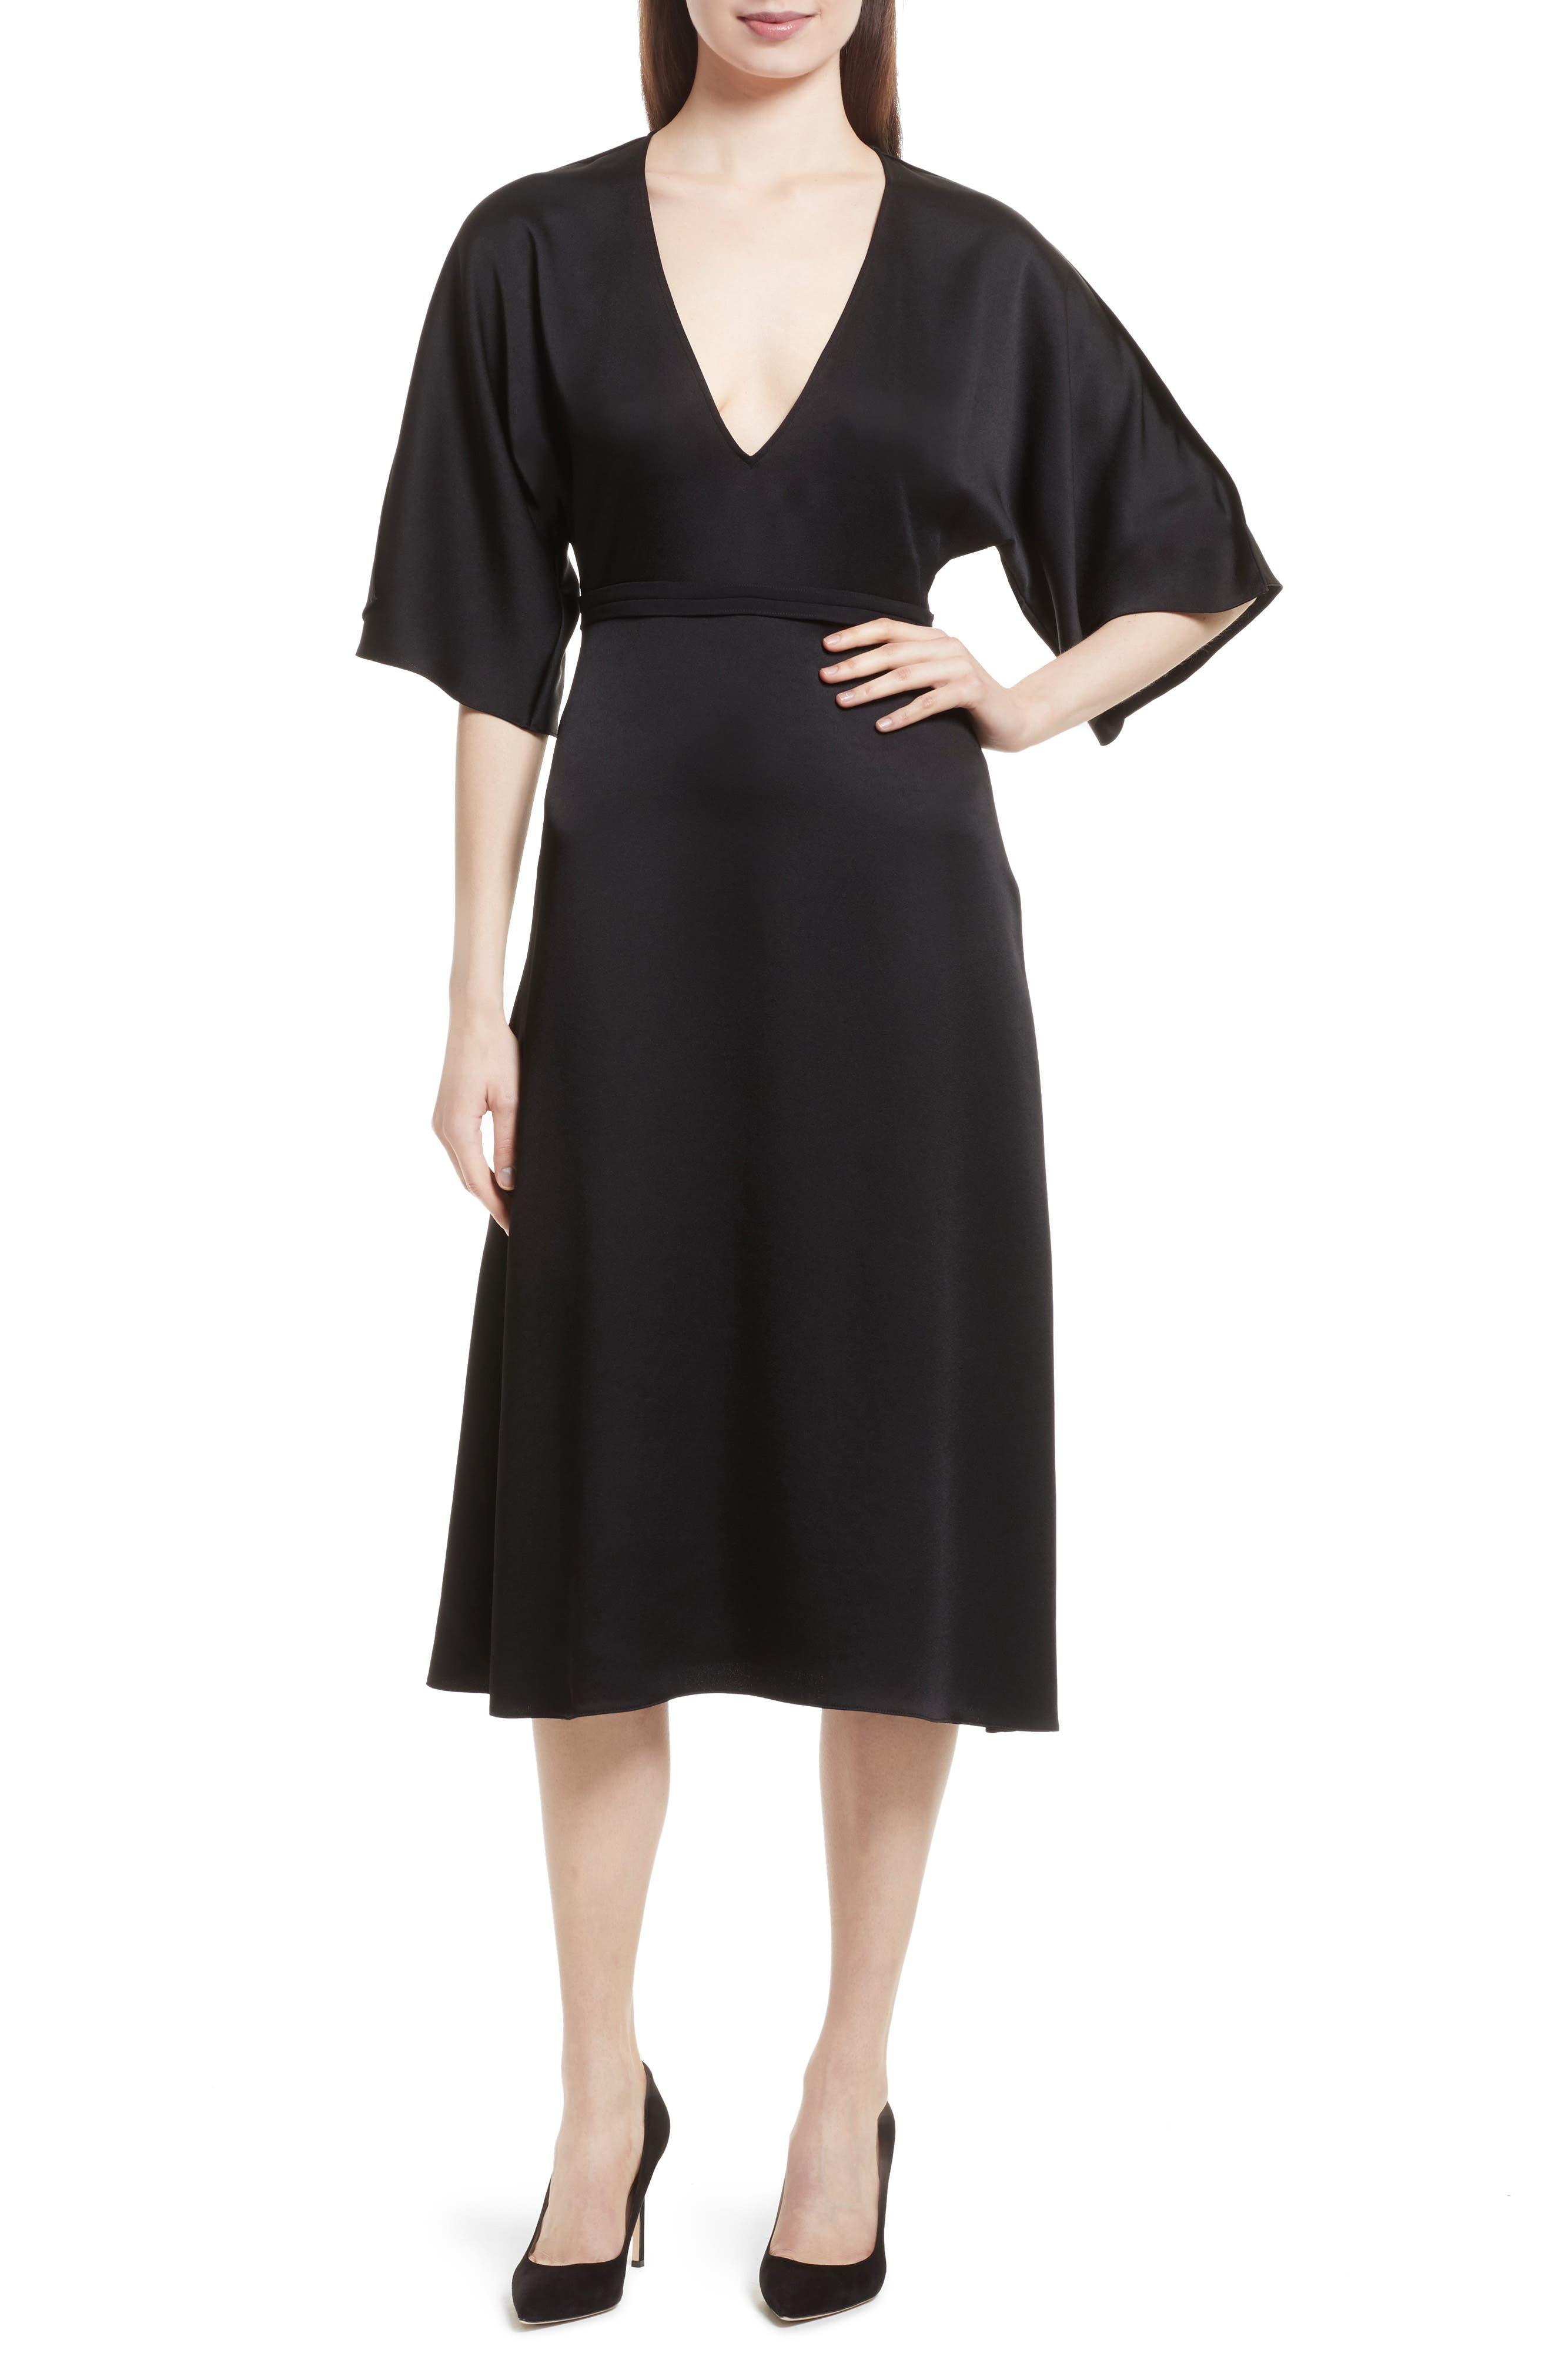 Kensington Midi Dress,                             Main thumbnail 1, color,                             001